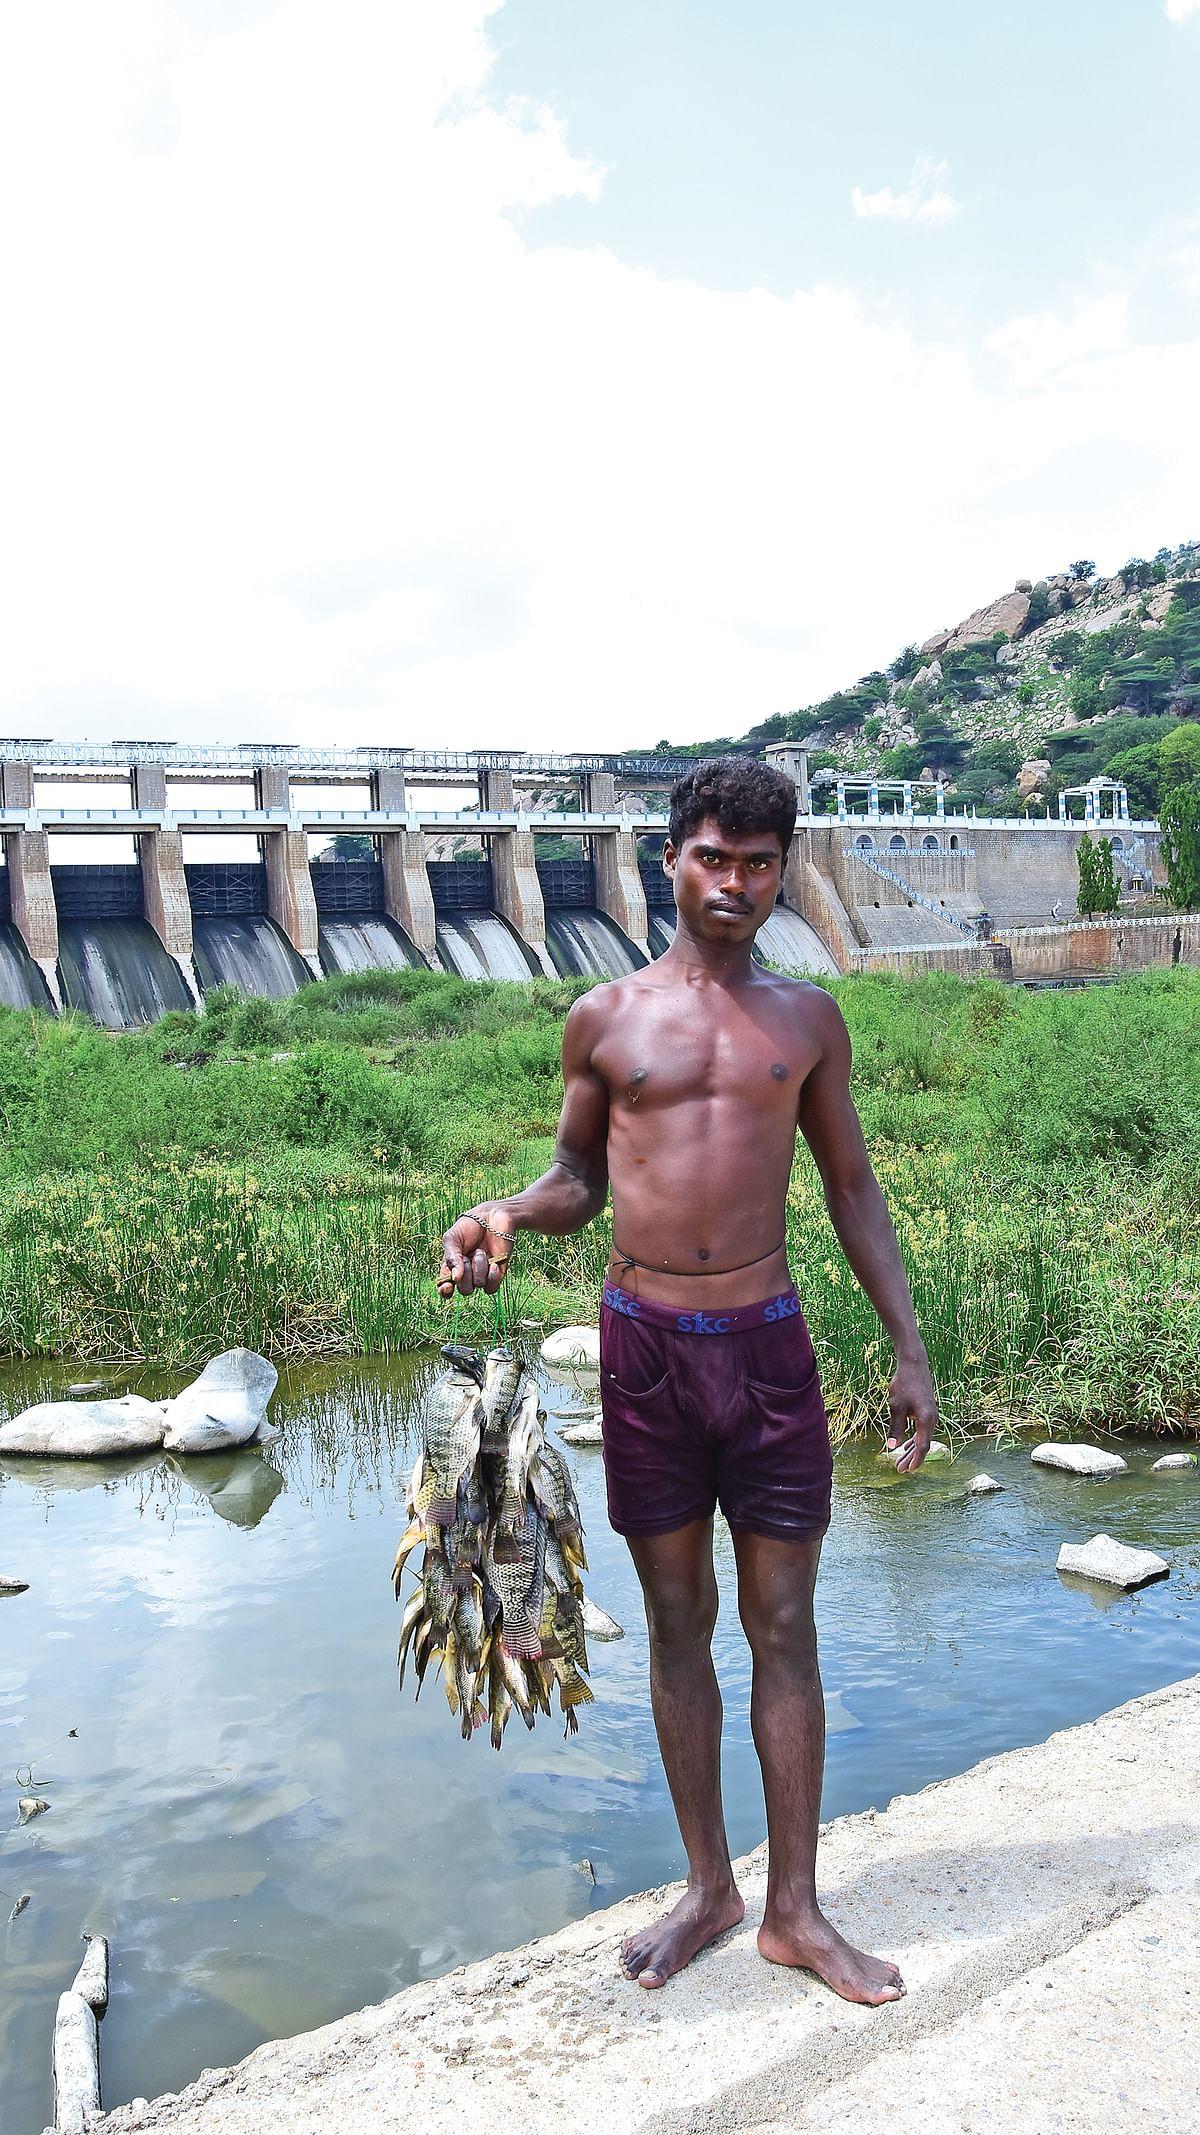 ஜிலேபி மீன் கிலோ 100 ரூபாய்